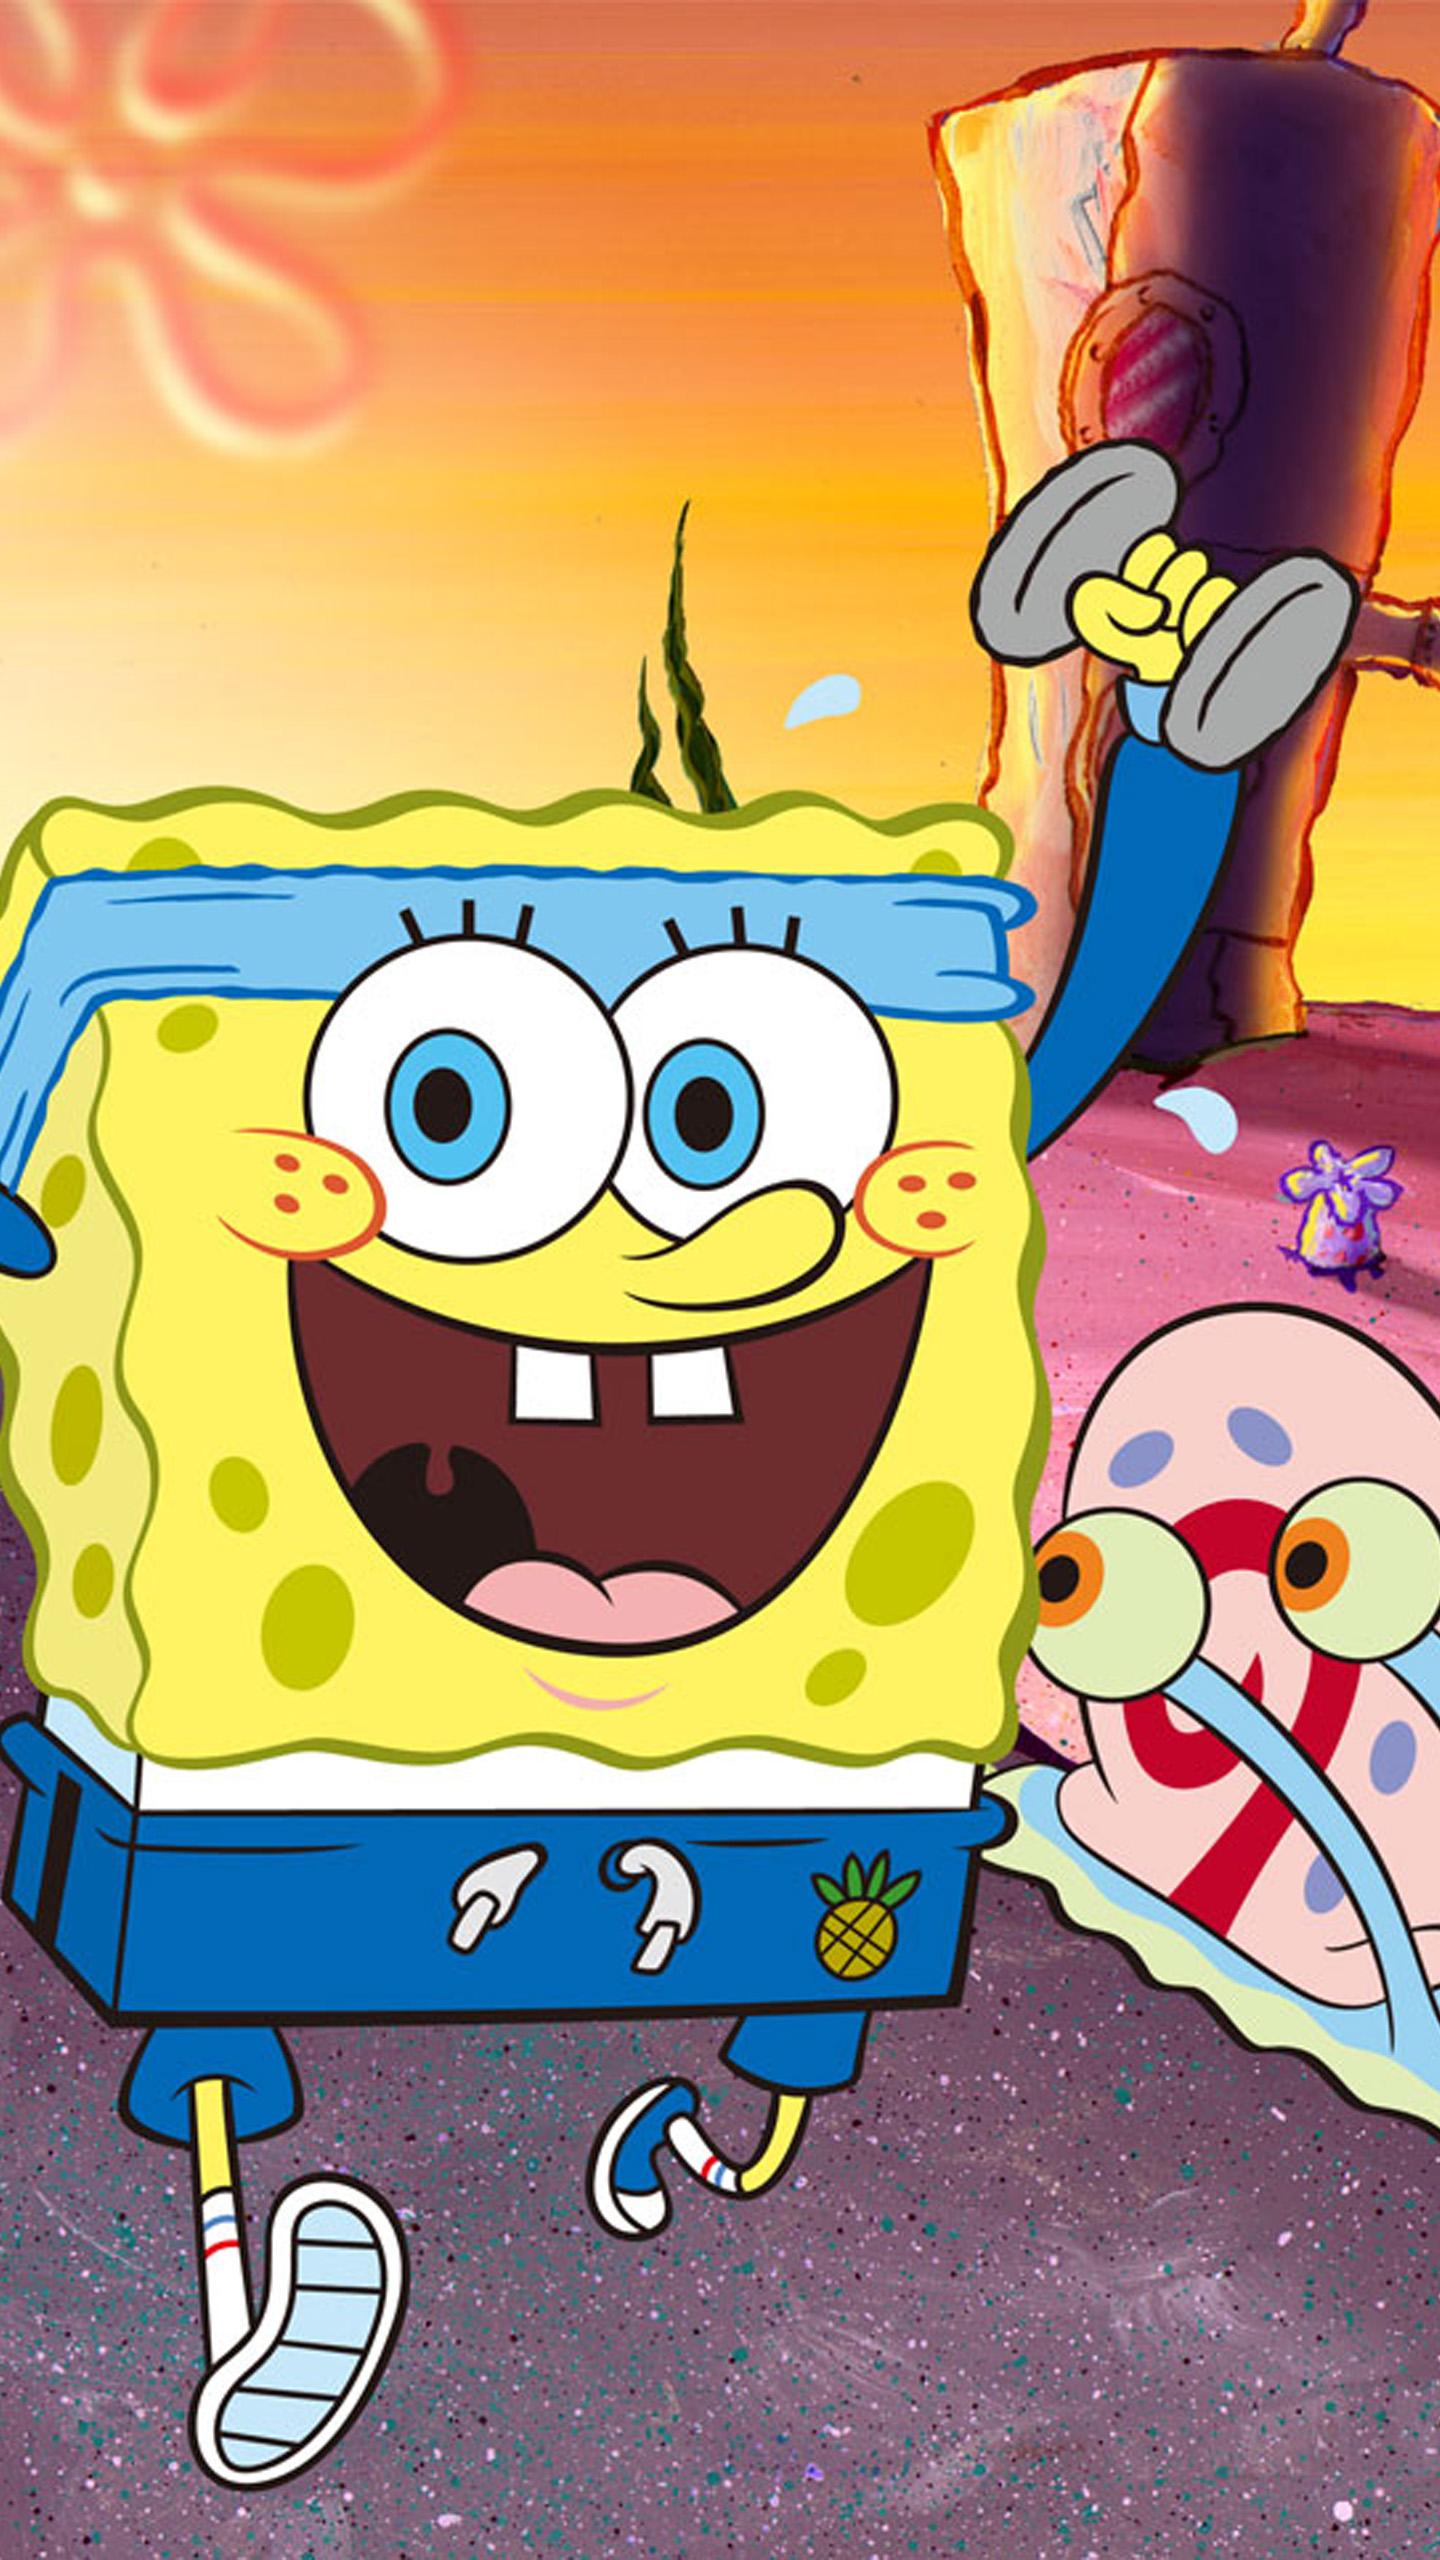 Spongebob Squarepants Wallpaper Titled Spongebob And Gary Racing